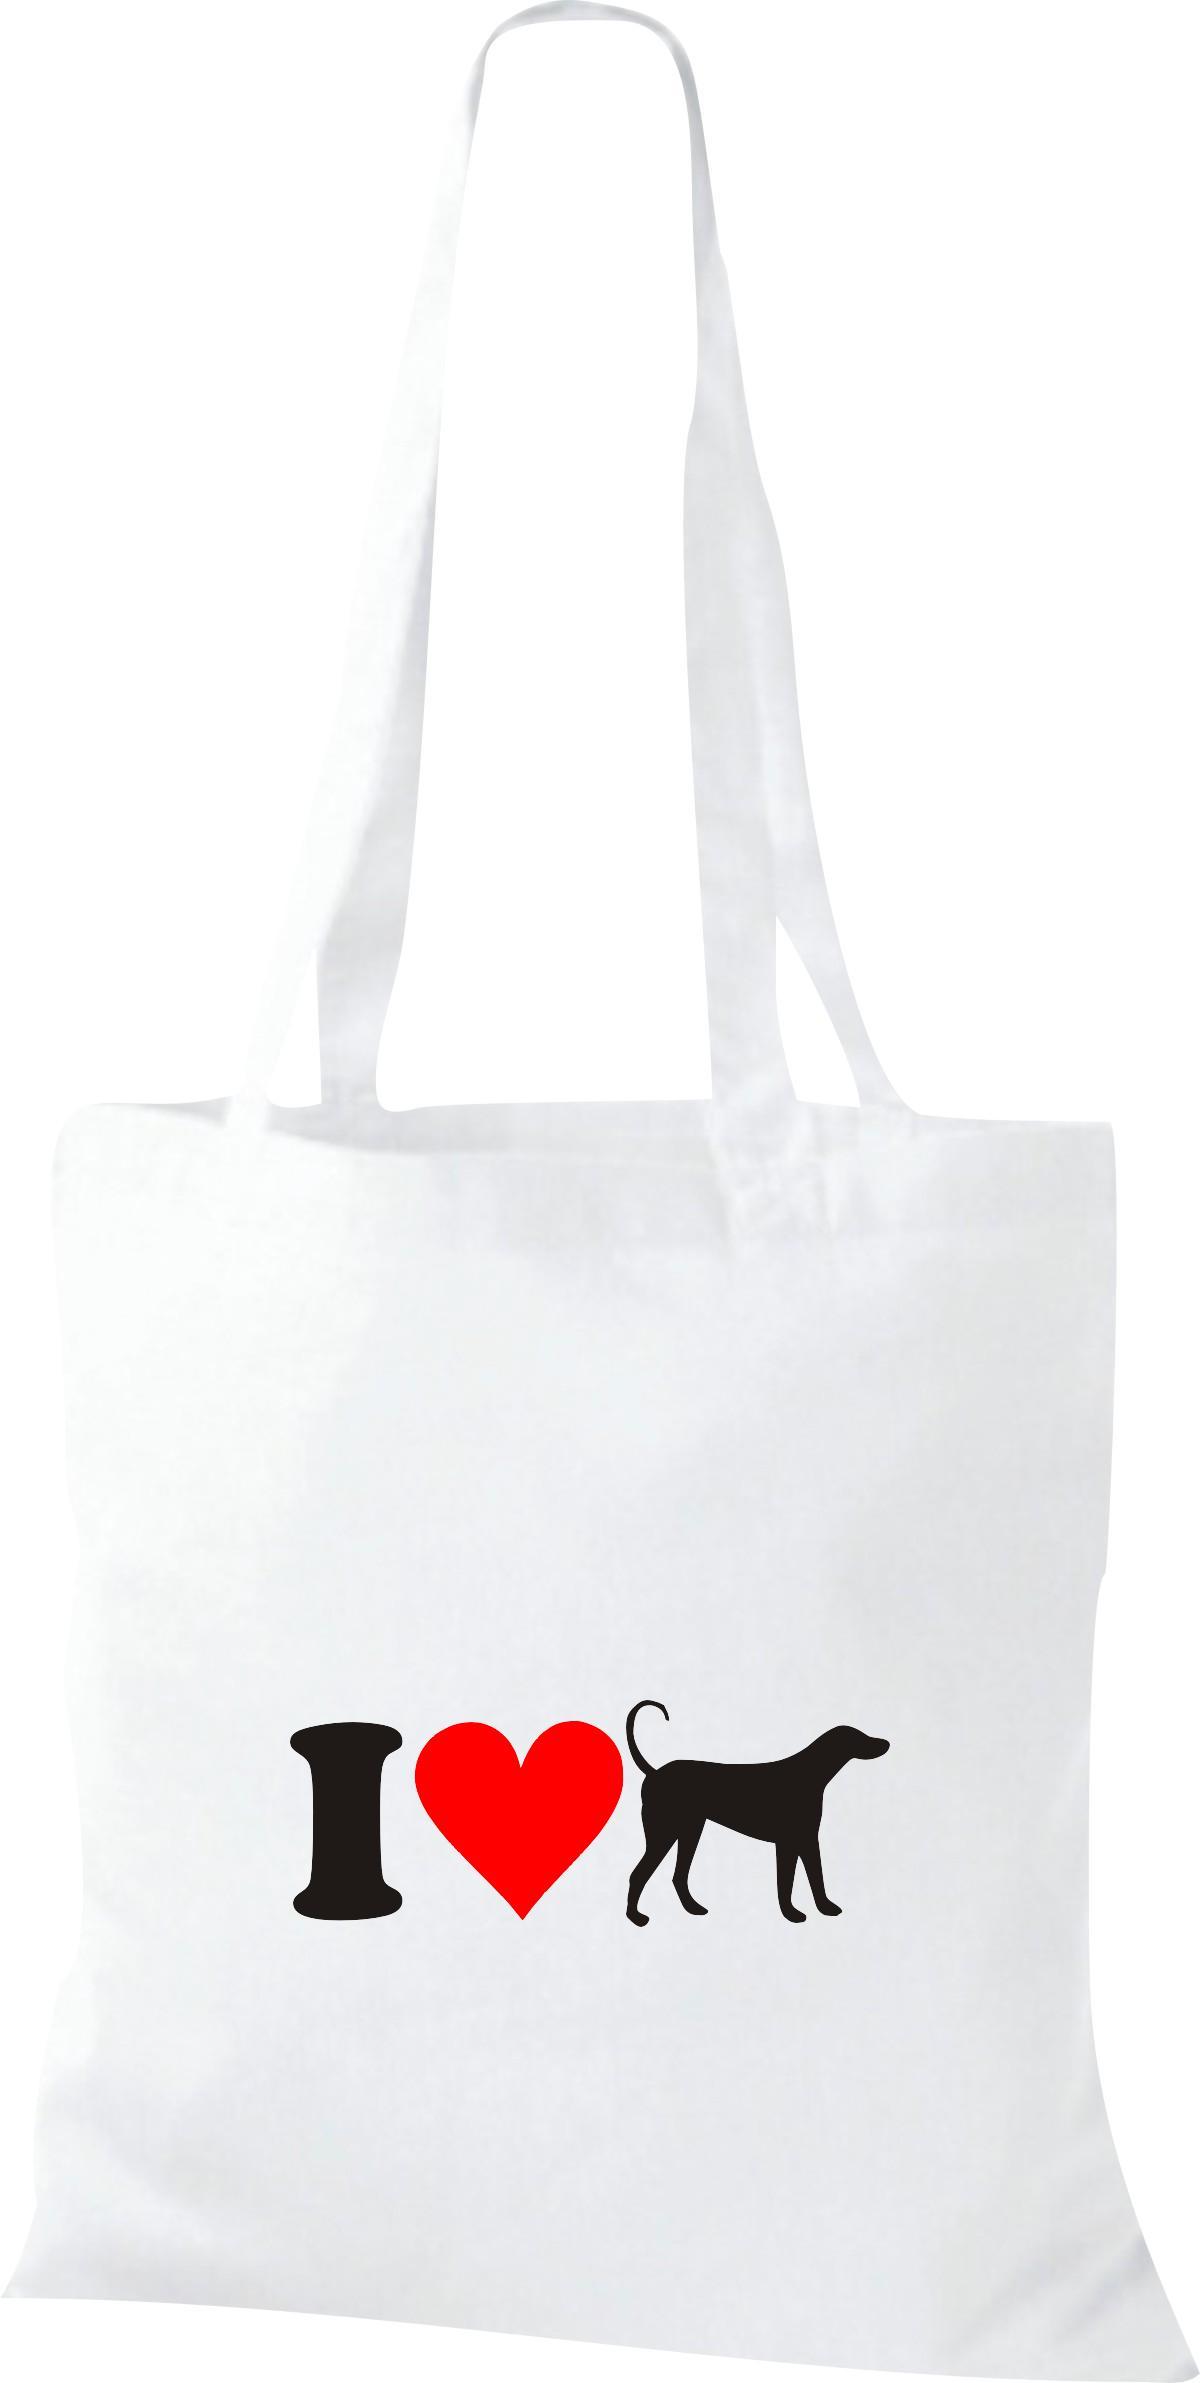 Stoffbeutel I Love Hund Wolf Tiere Tiermotive Naturkult, Baumwolltasche viele Fa